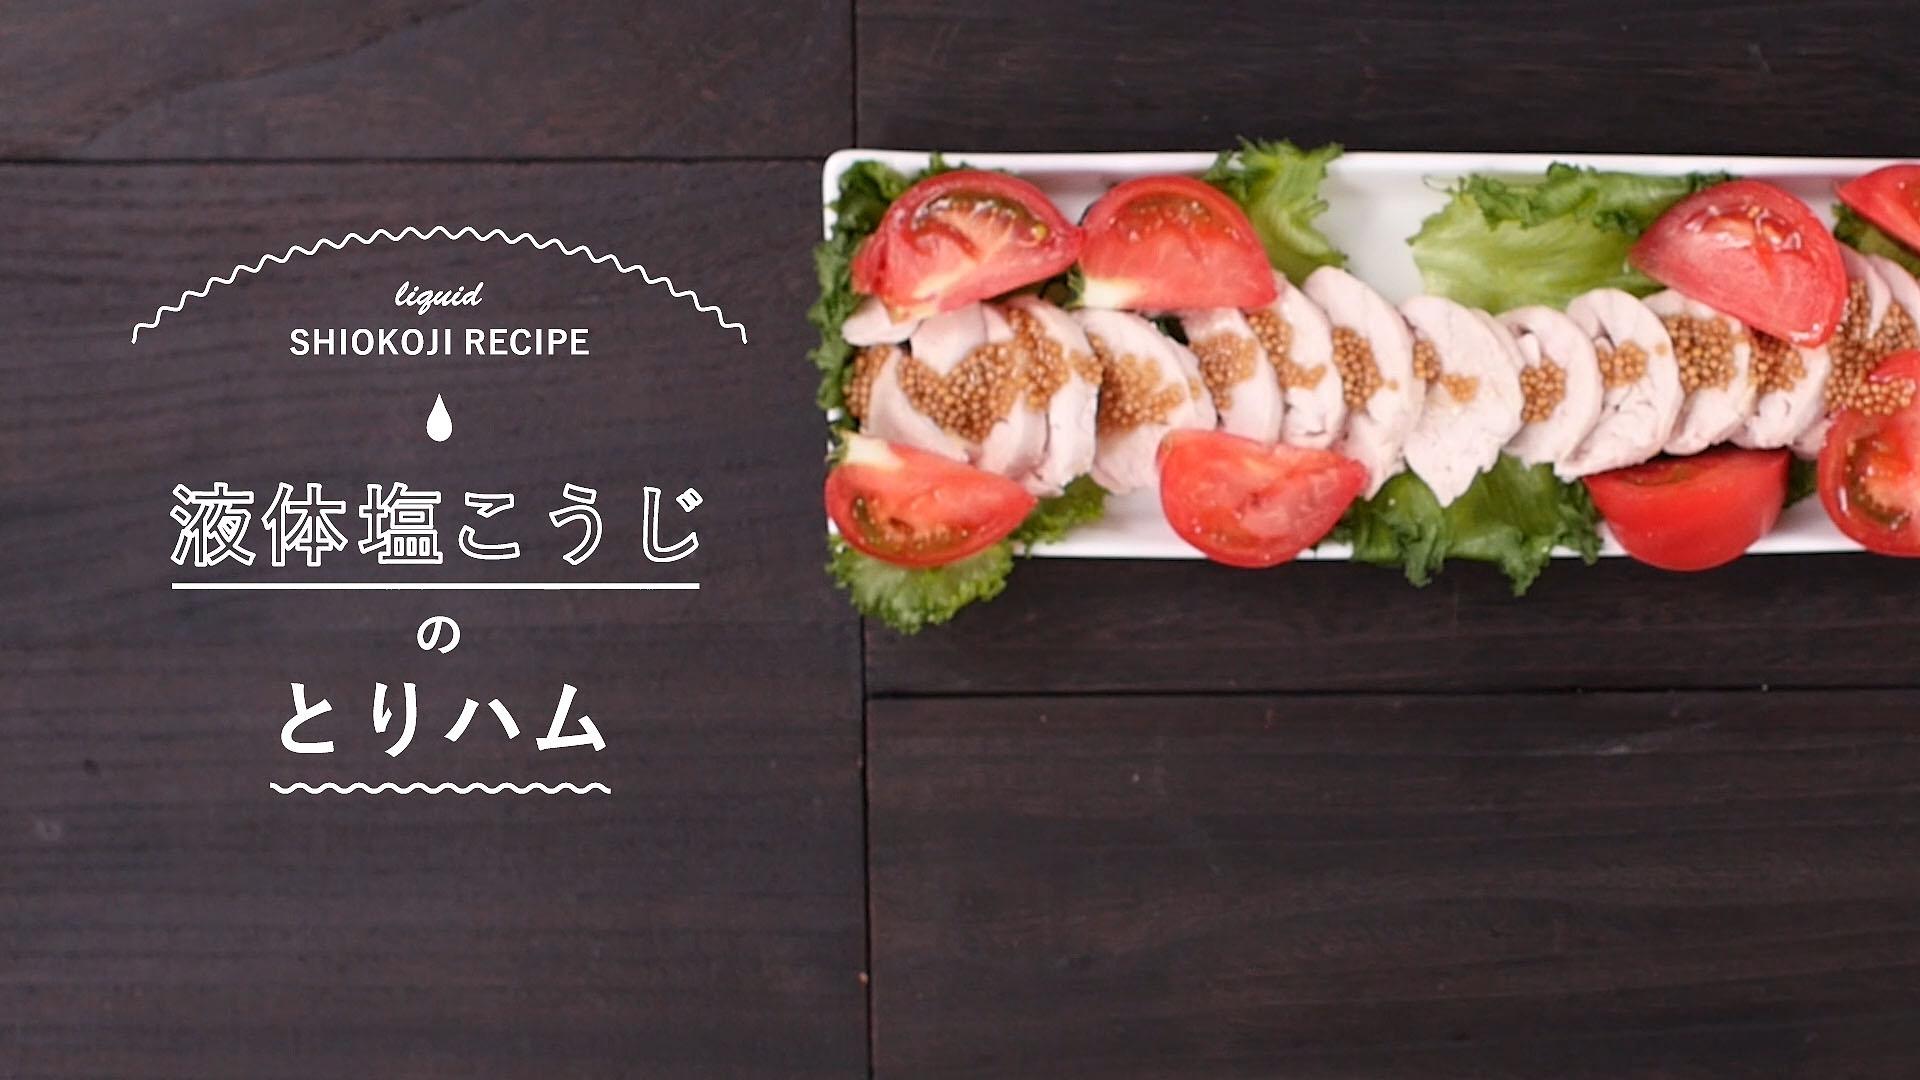 【液体塩こうじレシピ】とりハム 漬けるだけでお肉やわらか!